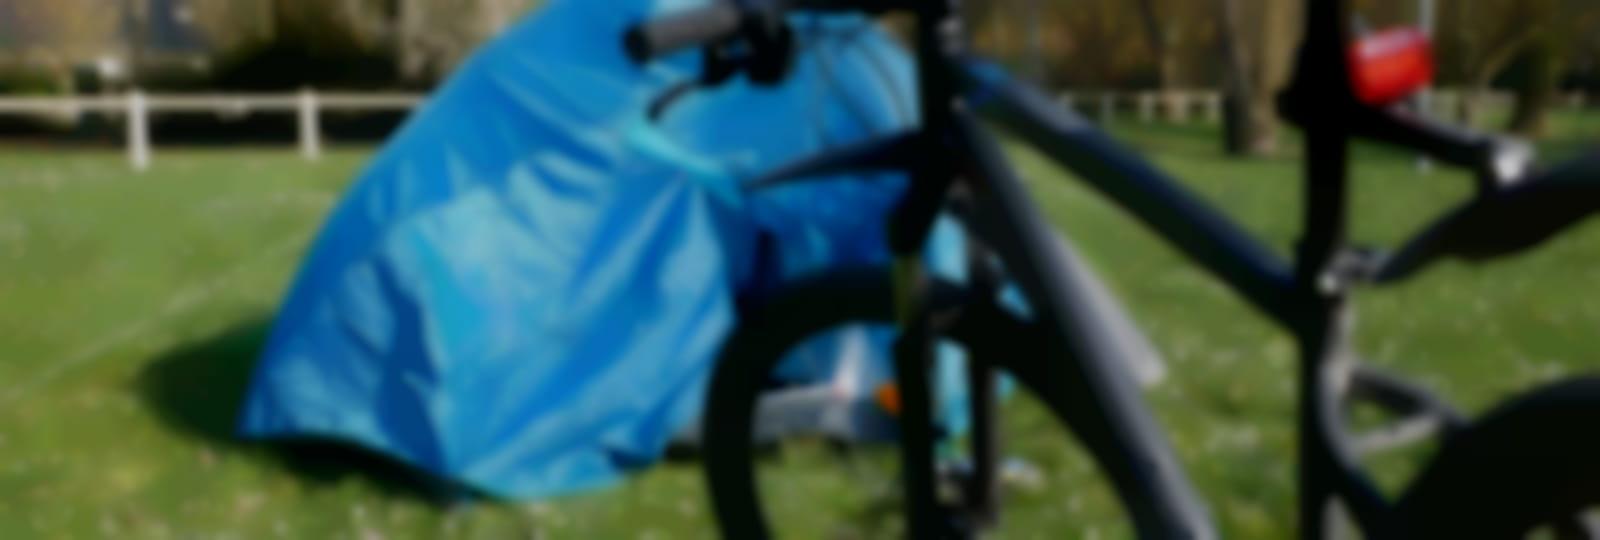 Focus sur le vélo près d'une tente